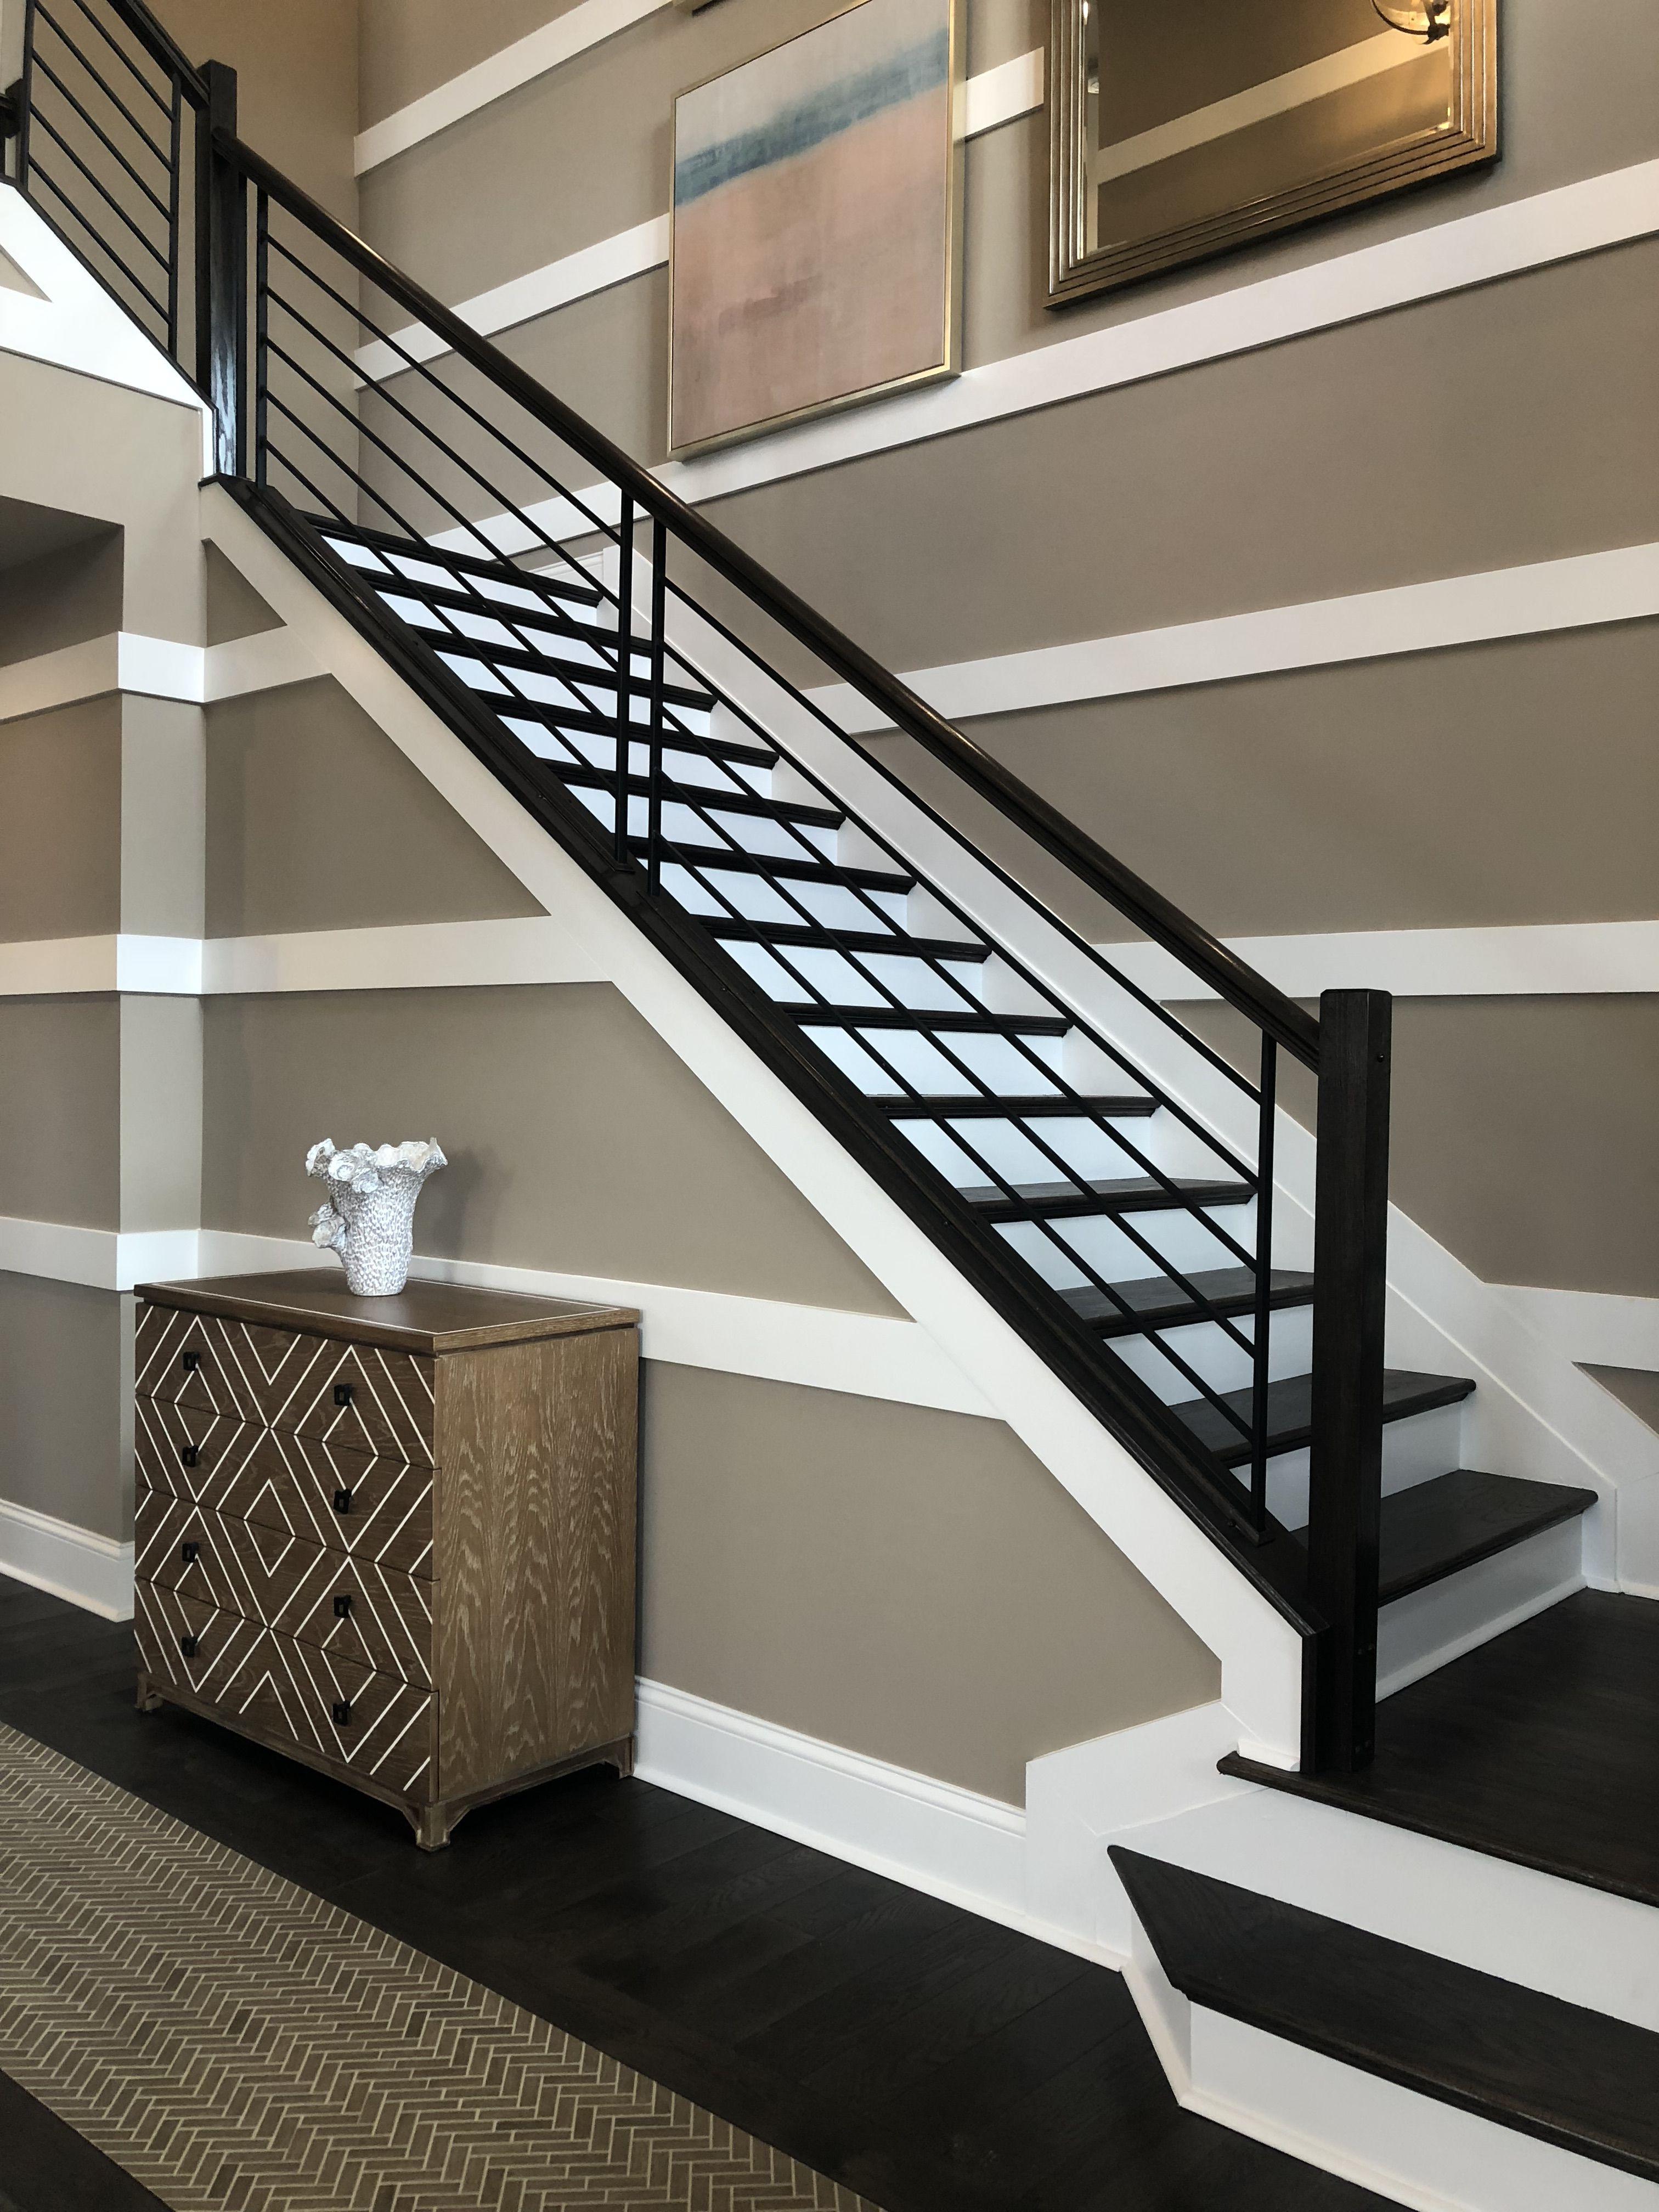 Modern Horizontal Iron Railing Staircase Design Modern   Stair Railing Design Modern   Exterior Irregular Stair   Luxury   Round   Interior   Handrail